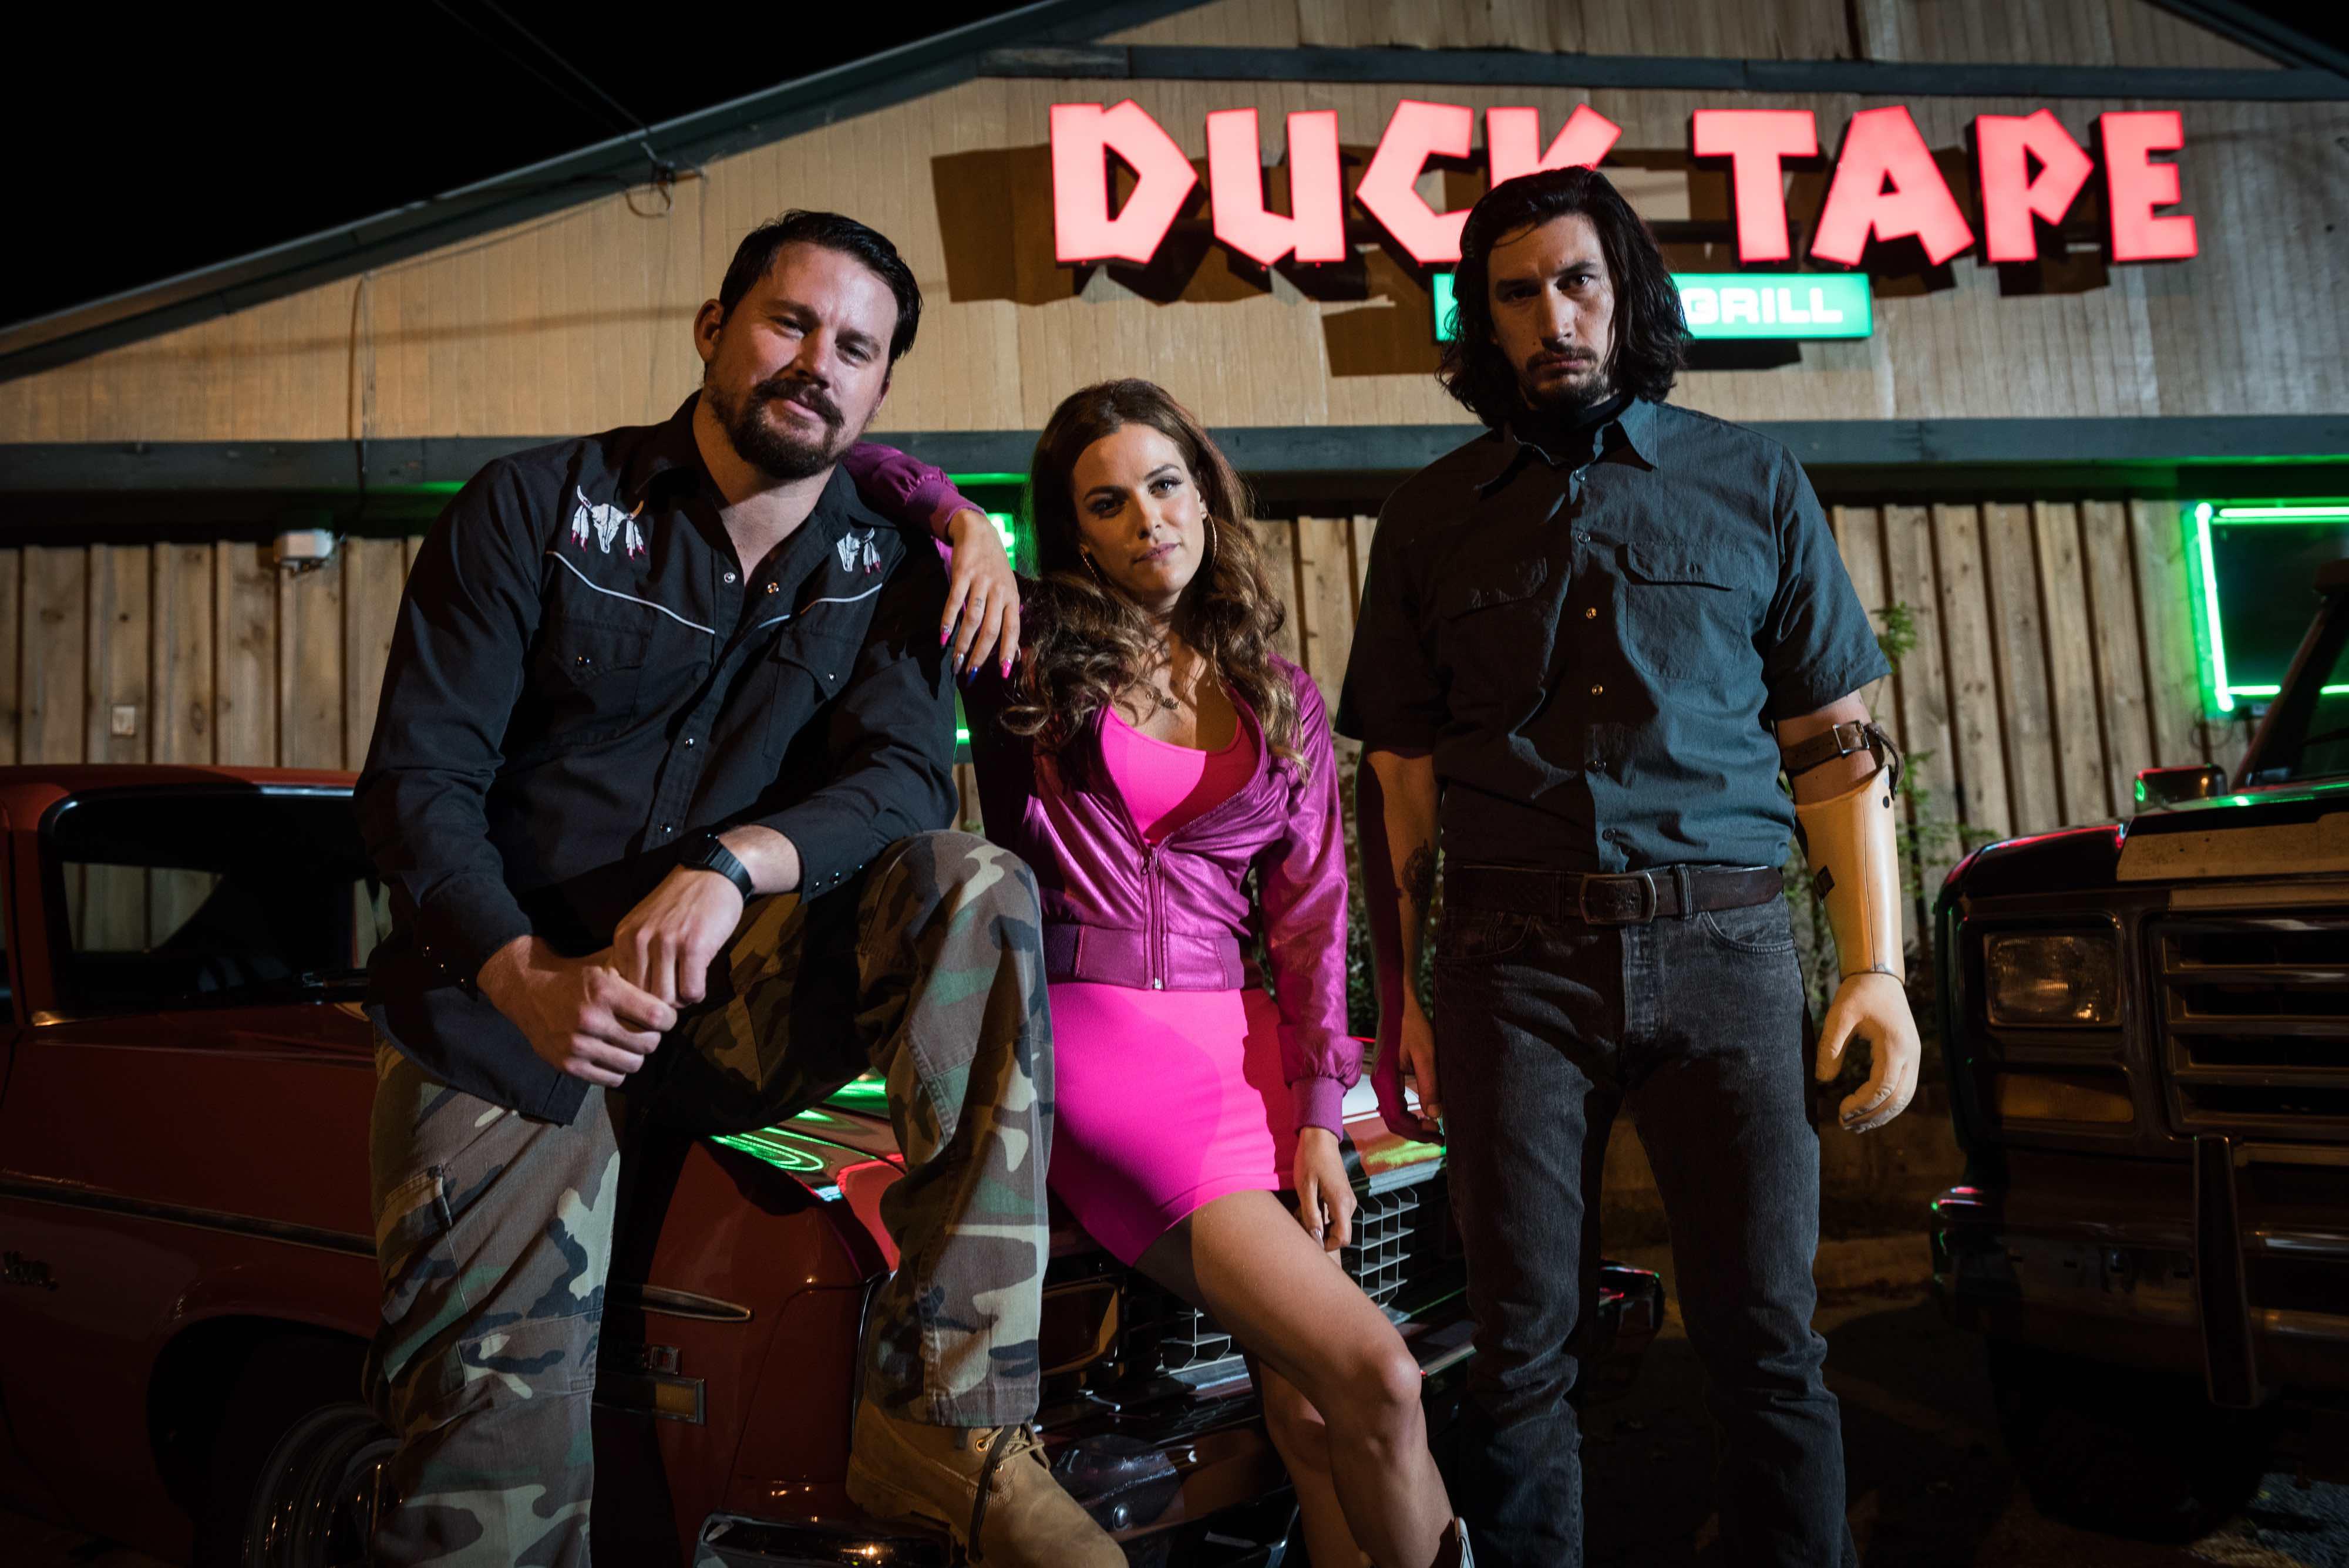 I protagonisti vestiti di nero e rosa de 'La Truffa dei Logan'